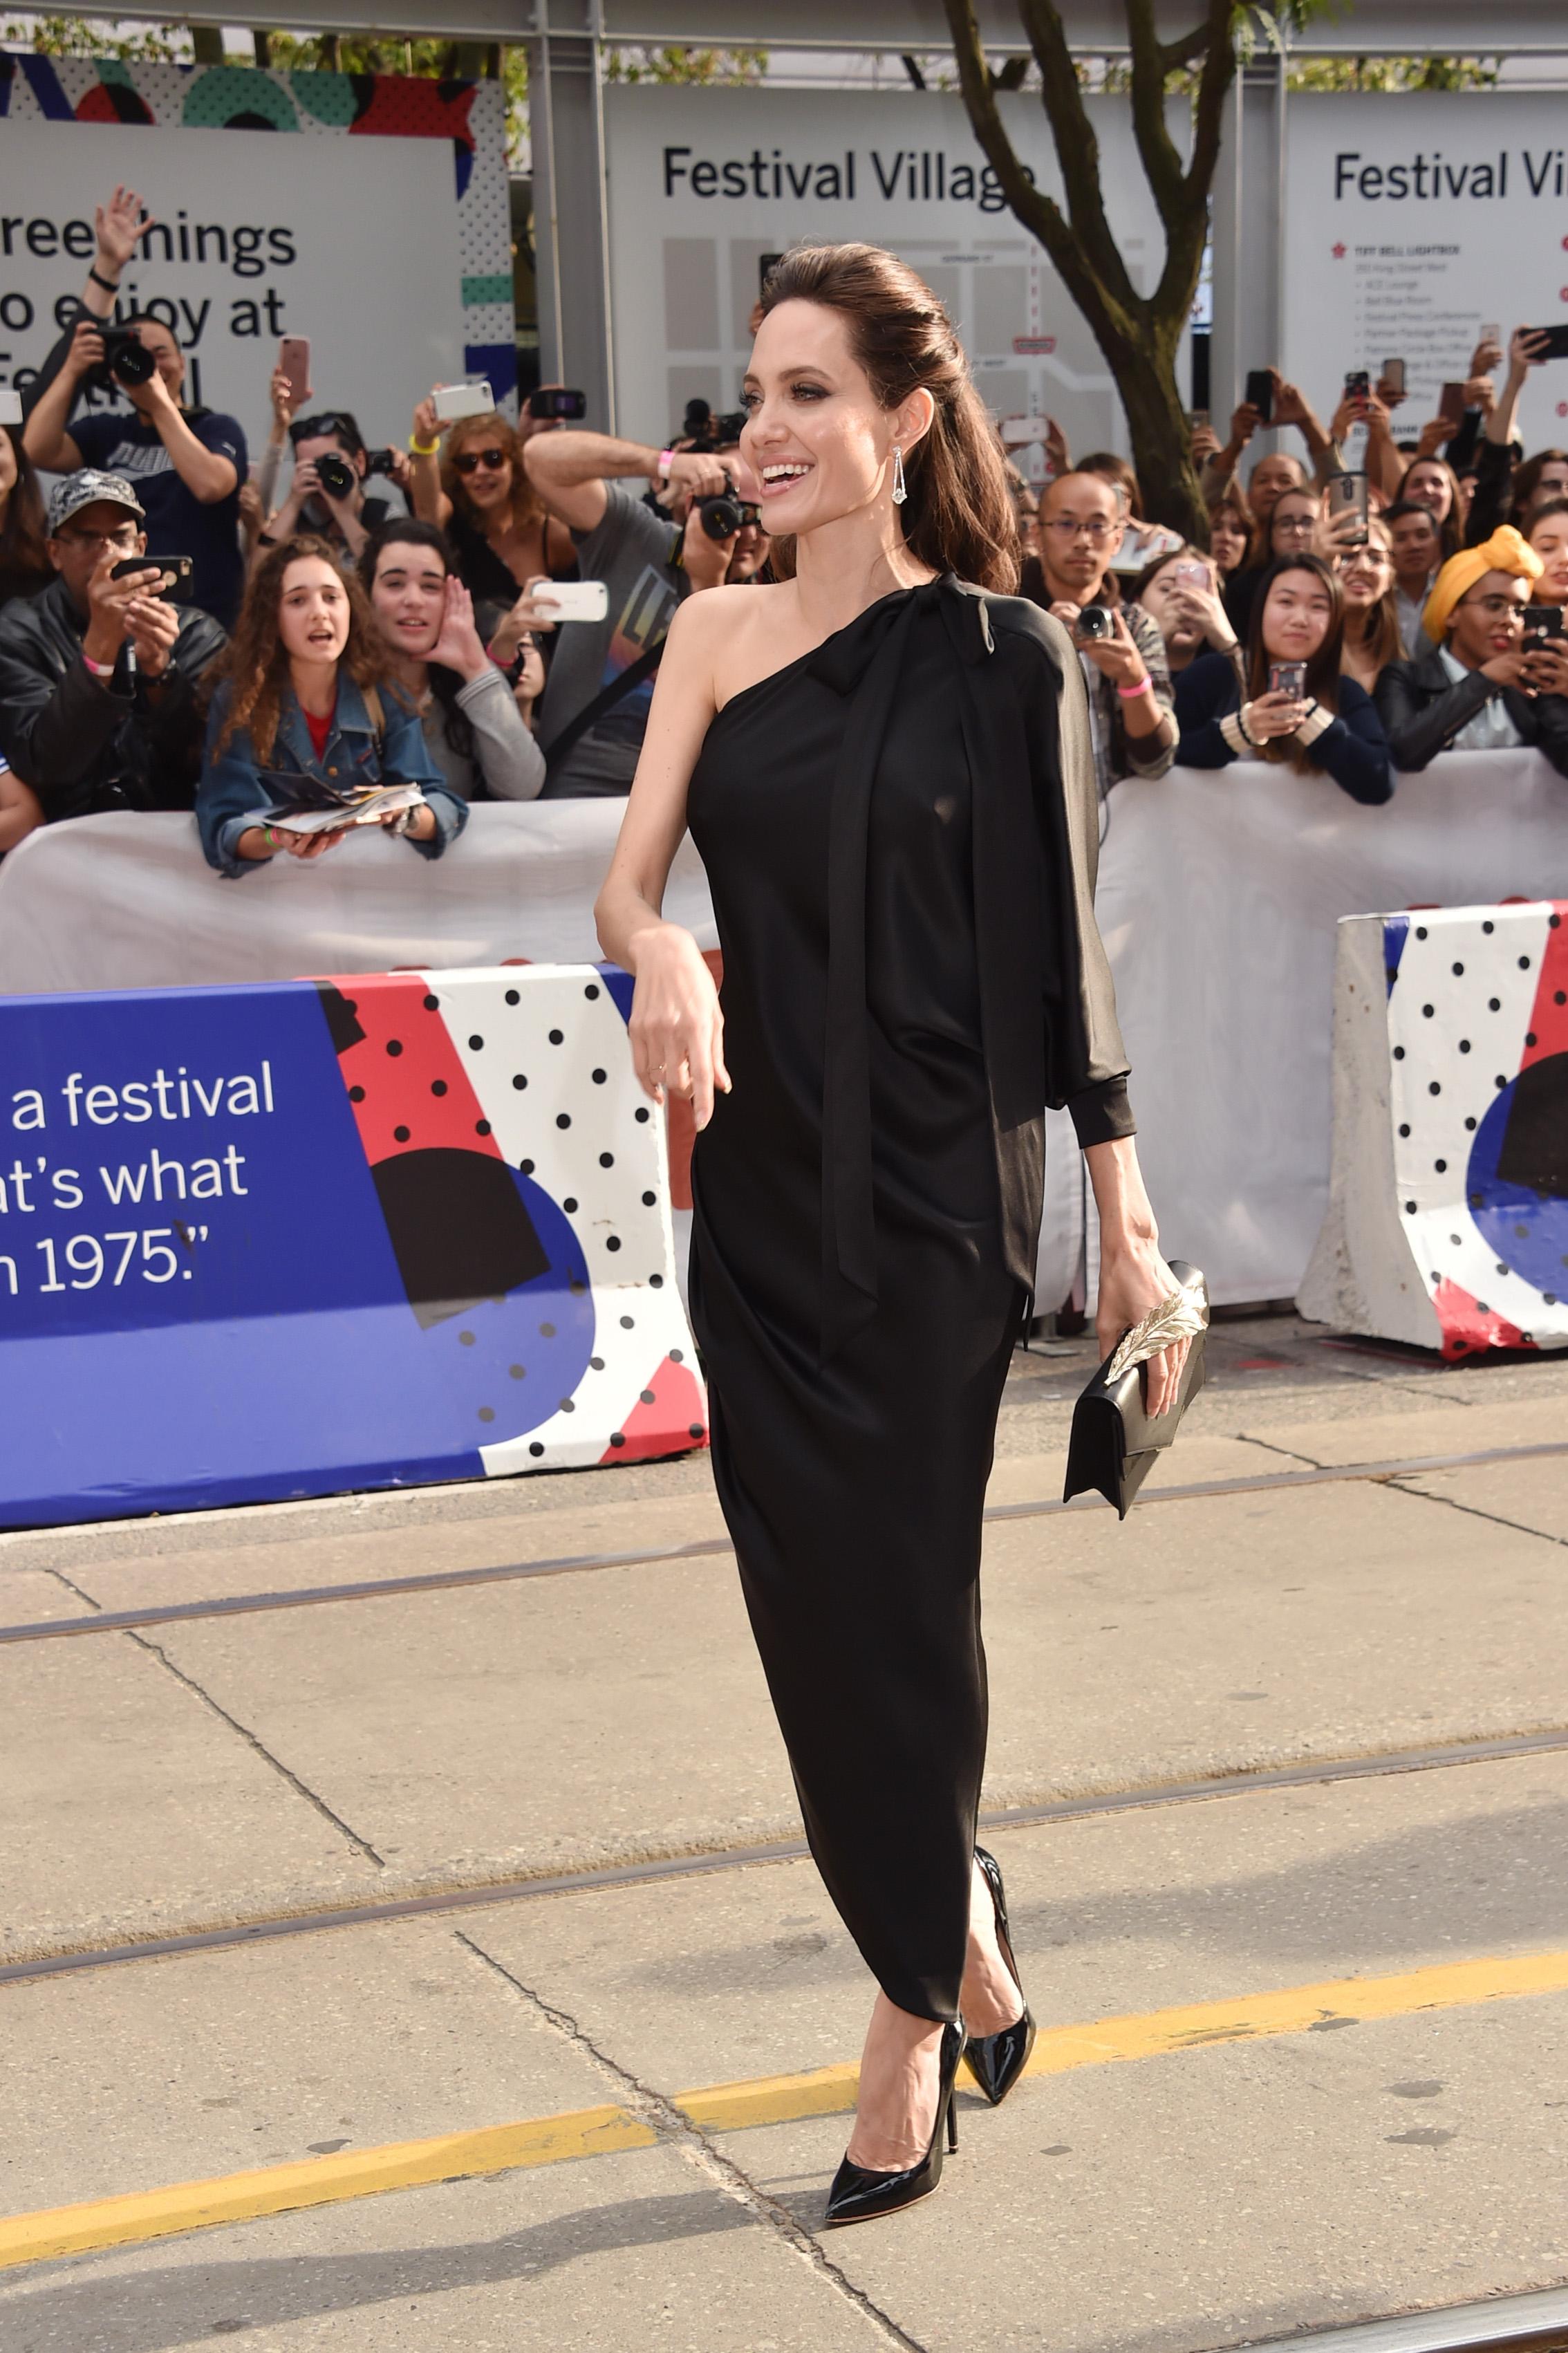 """42-годишната актриса завладя червения килим по време на канадската премиера на филма """"Първо убиха баща ми"""", който самата Анджелина продуцира.Красивата звезда бе облечена в семпла, но елегантна черна рокля от коприна, съчетана с черни обувки на висок ток.На събитието Джоли не бе сама - придружаваха я нейните 6 деца, включително от 16-годишният Мадокс, който е осиновен от Камбоджа, където се развива и действието в """"Първо убиха баща ми""""."""